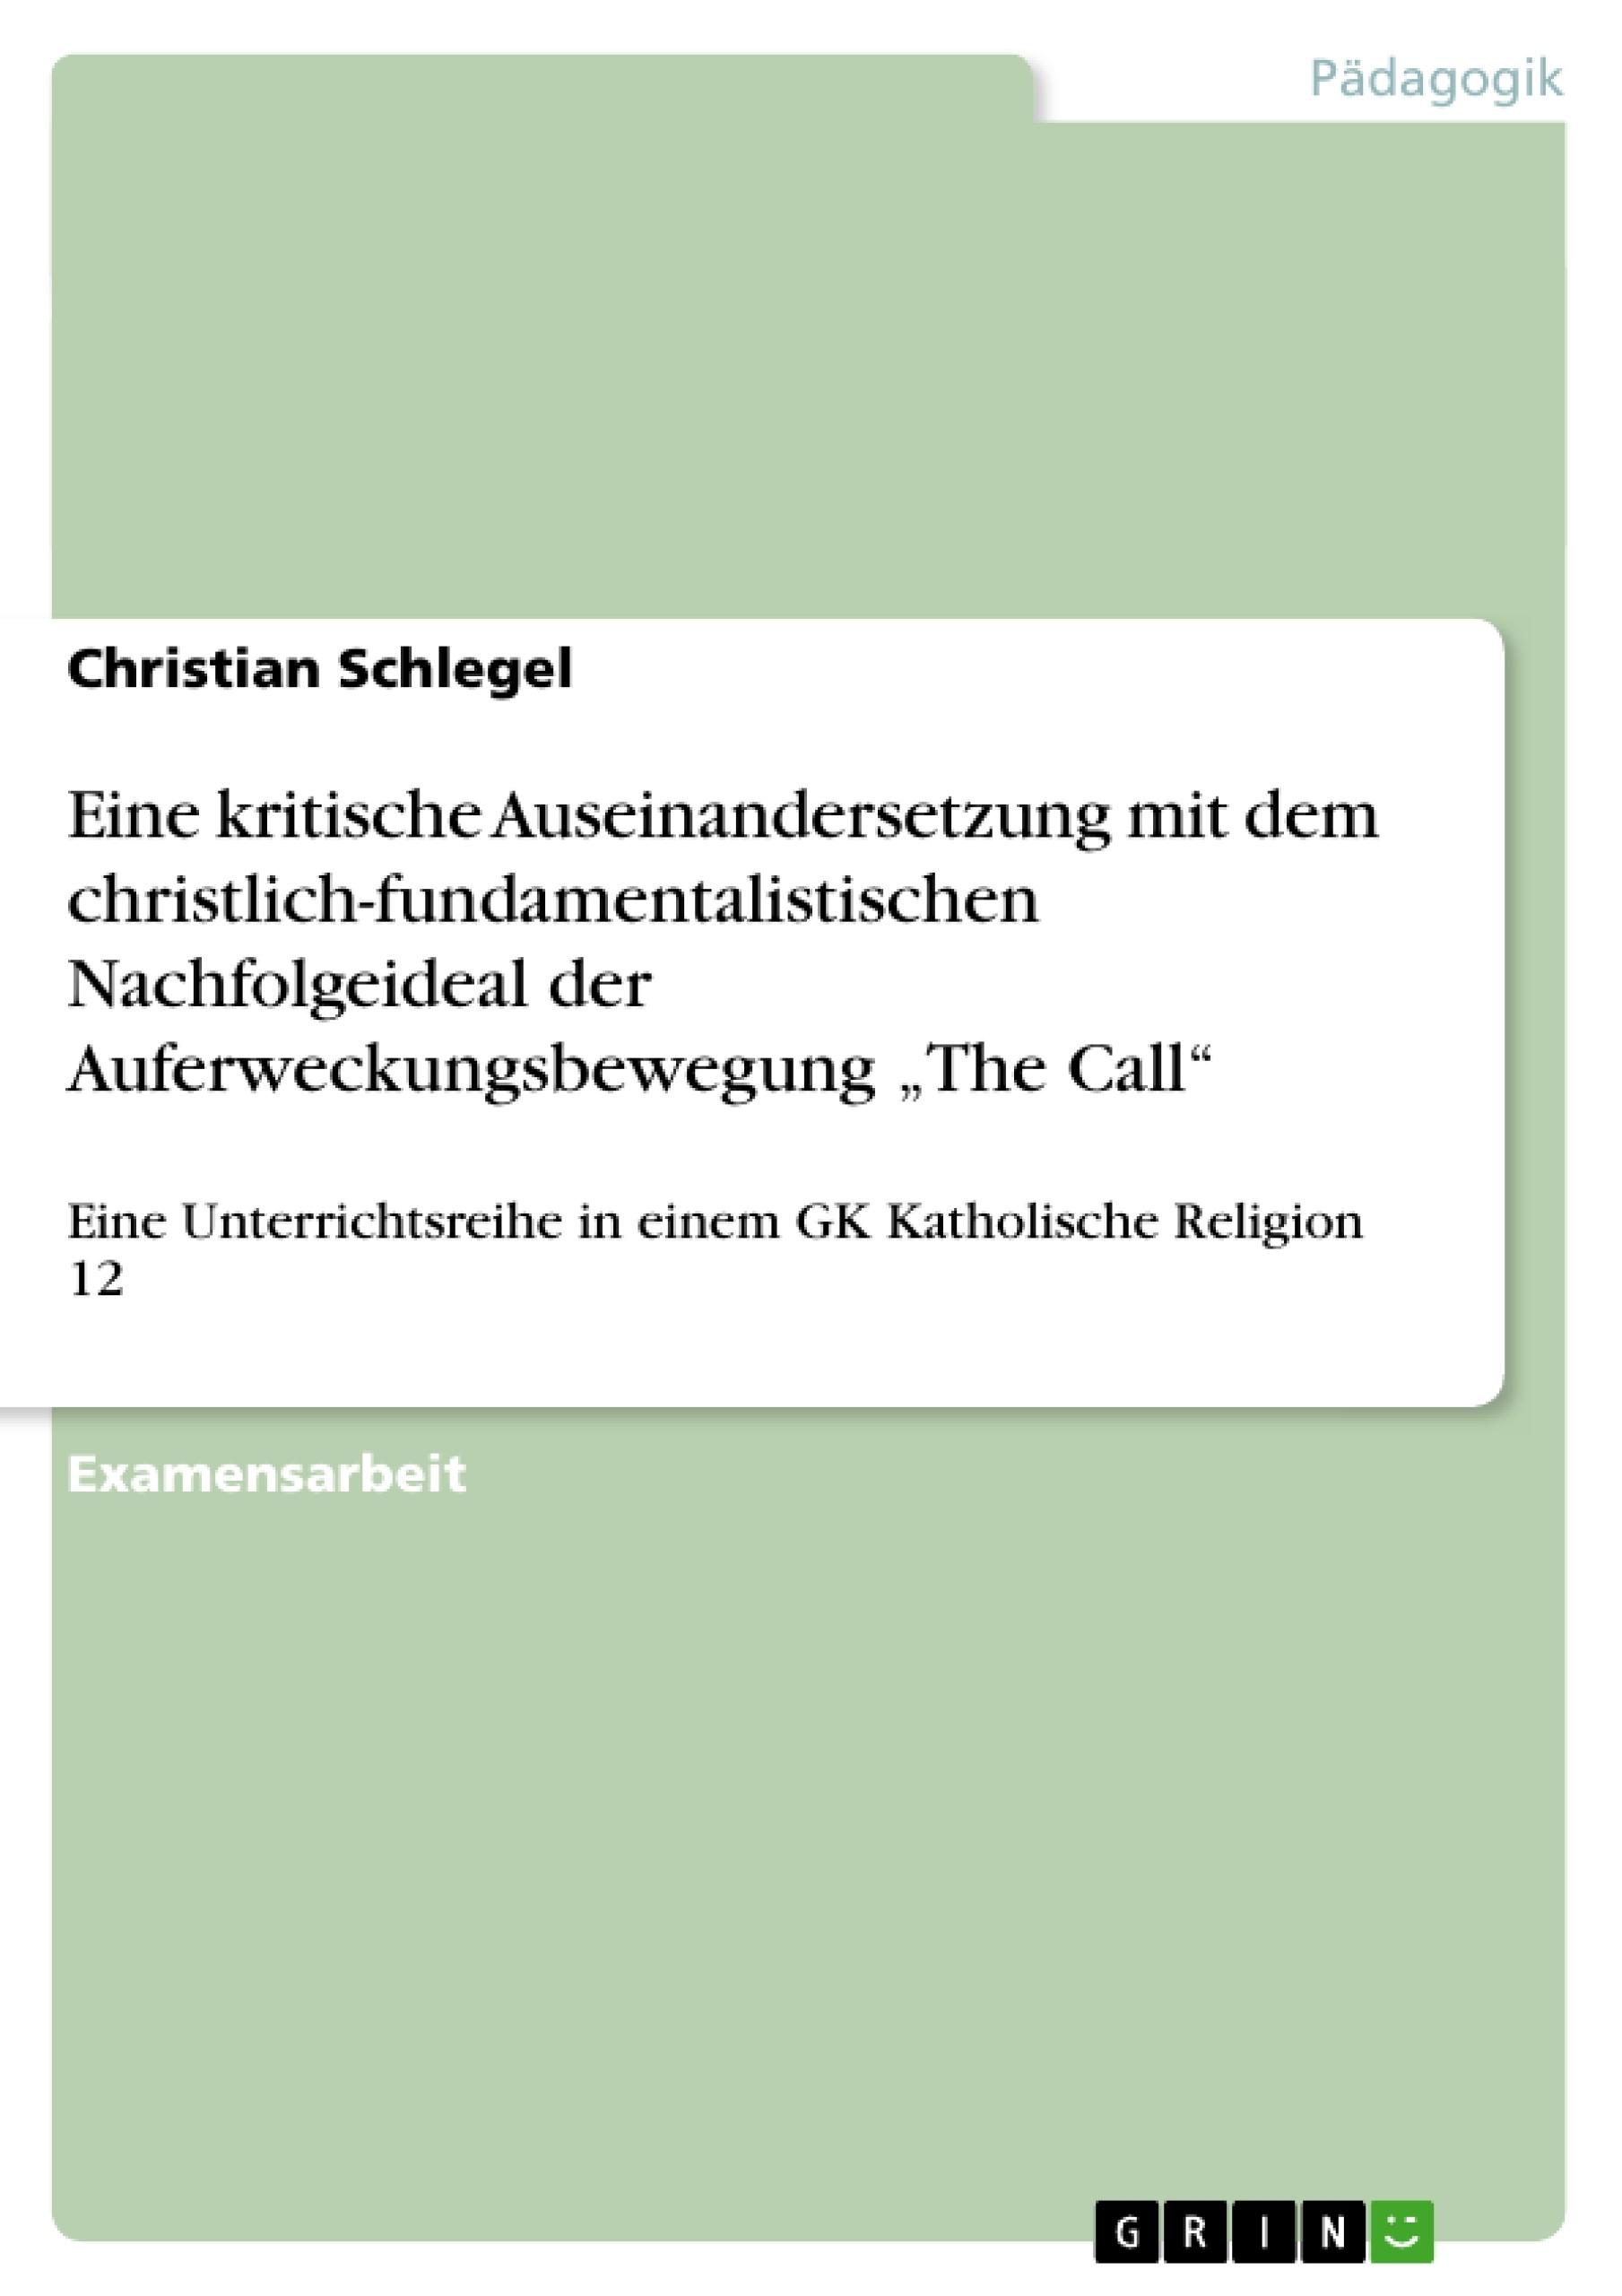 """Titel: Eine kritische Auseinandersetzung mit dem christlich-fundamentalistischen Nachfolgeideal der Auferweckungsbewegung """"The Call"""""""